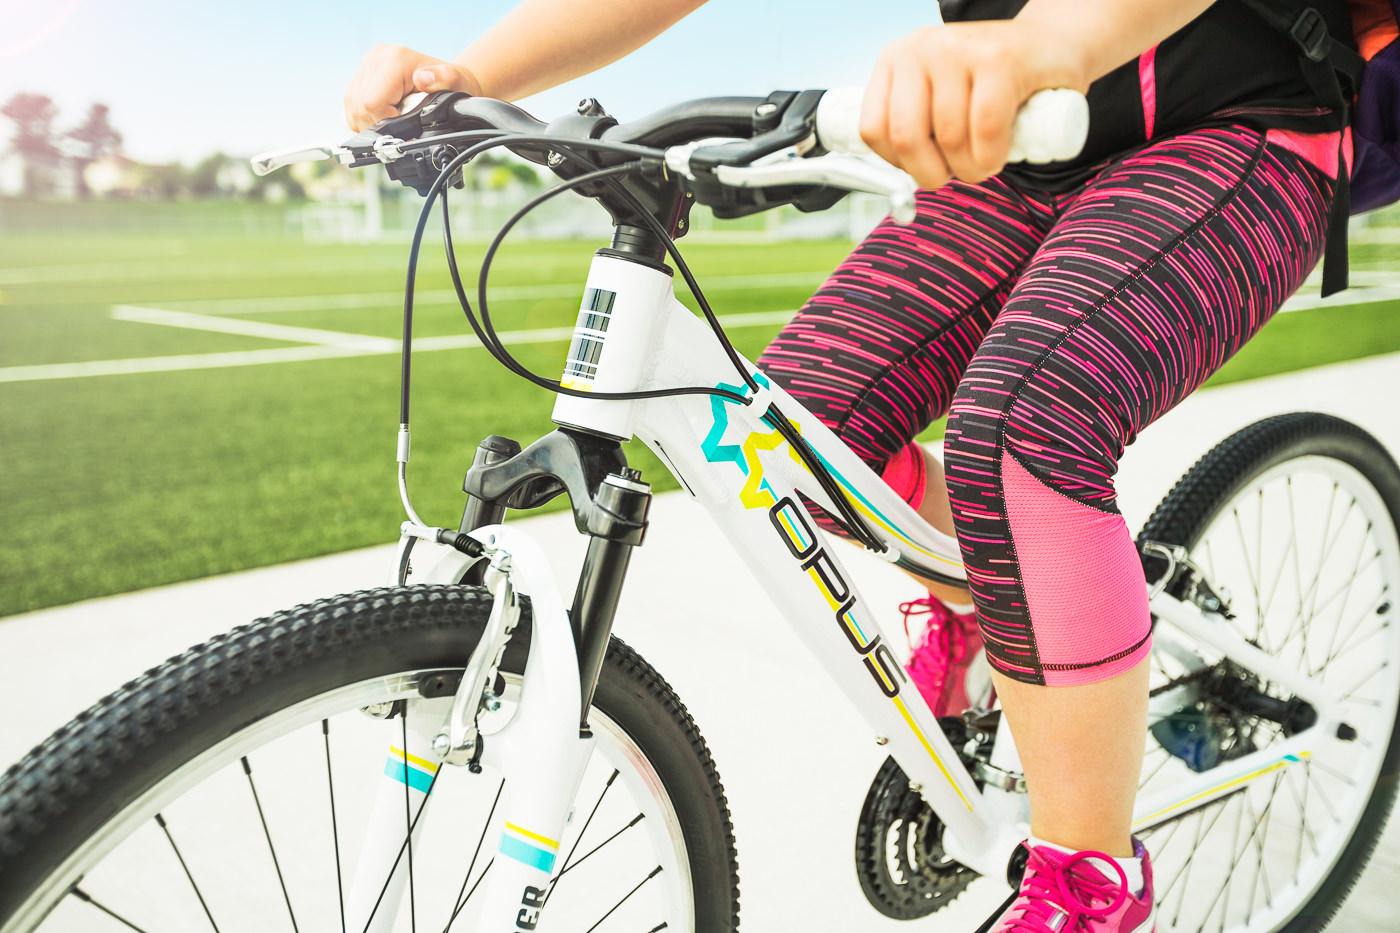 Vélos Opus Bike urbain enfant au parc